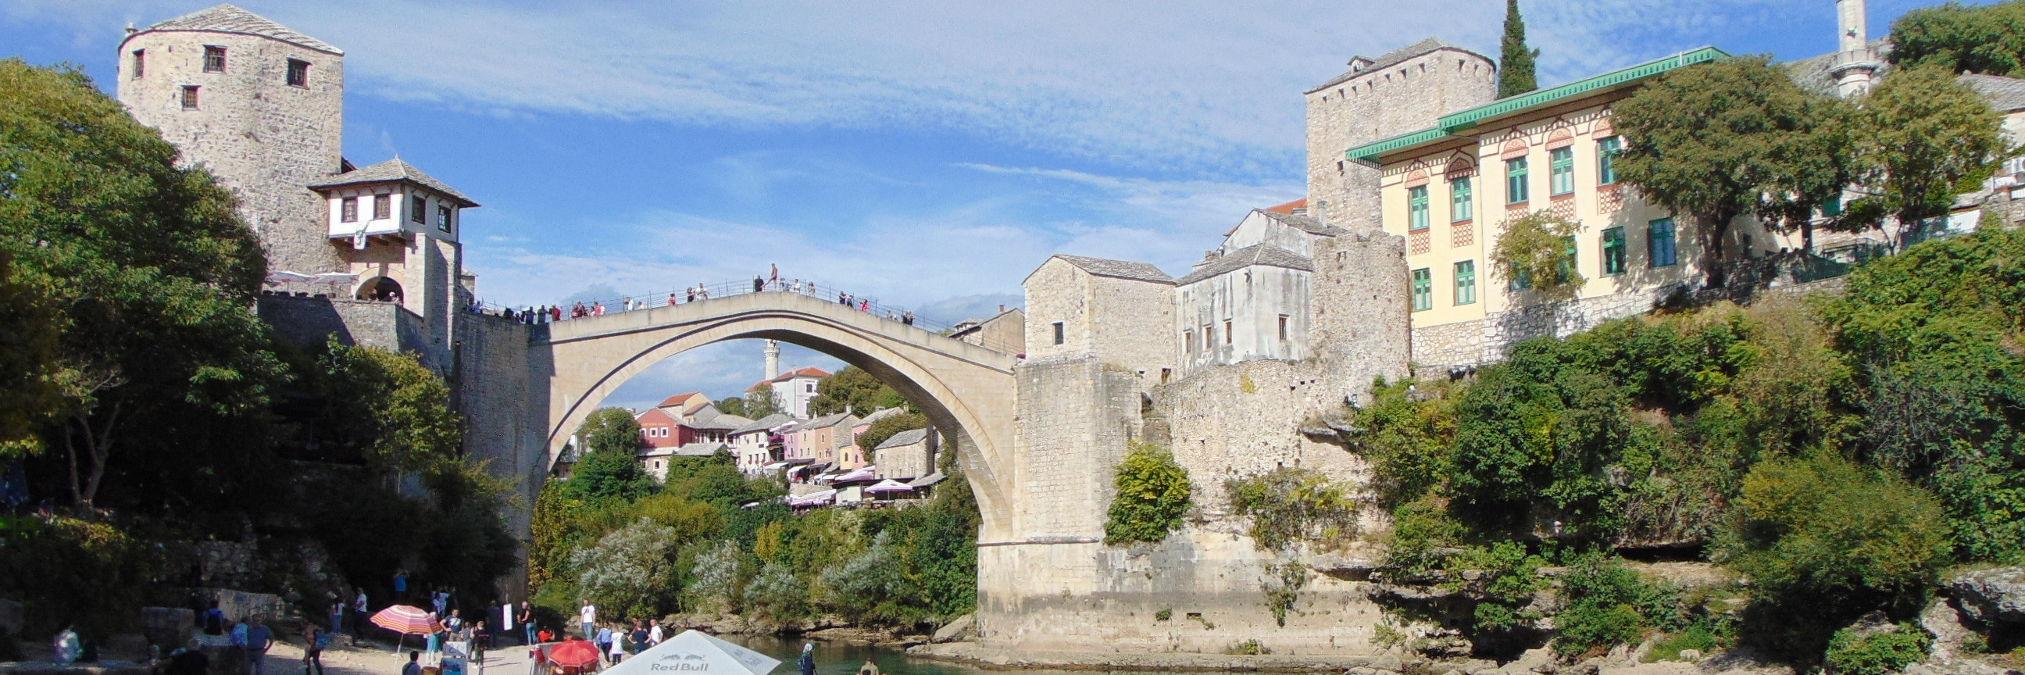 7 вещей, которые нужно сделать в Мостаре. Фото: Елена Арсениевич, CC BY-SA 3.0